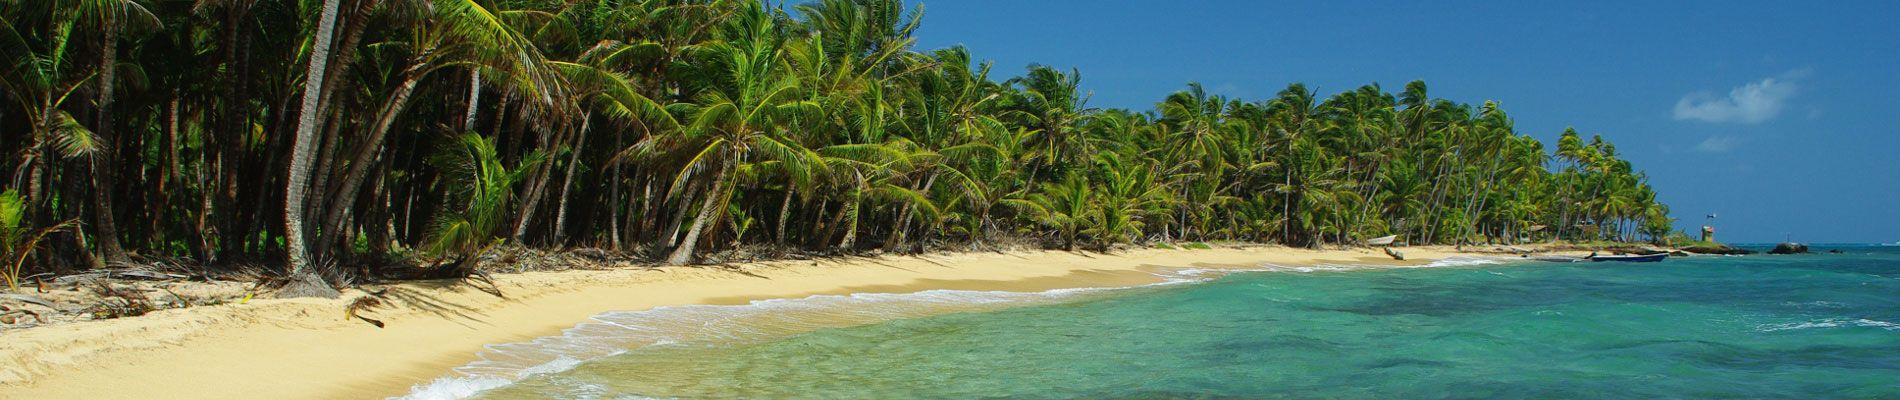 nicaragua-little-corn-island